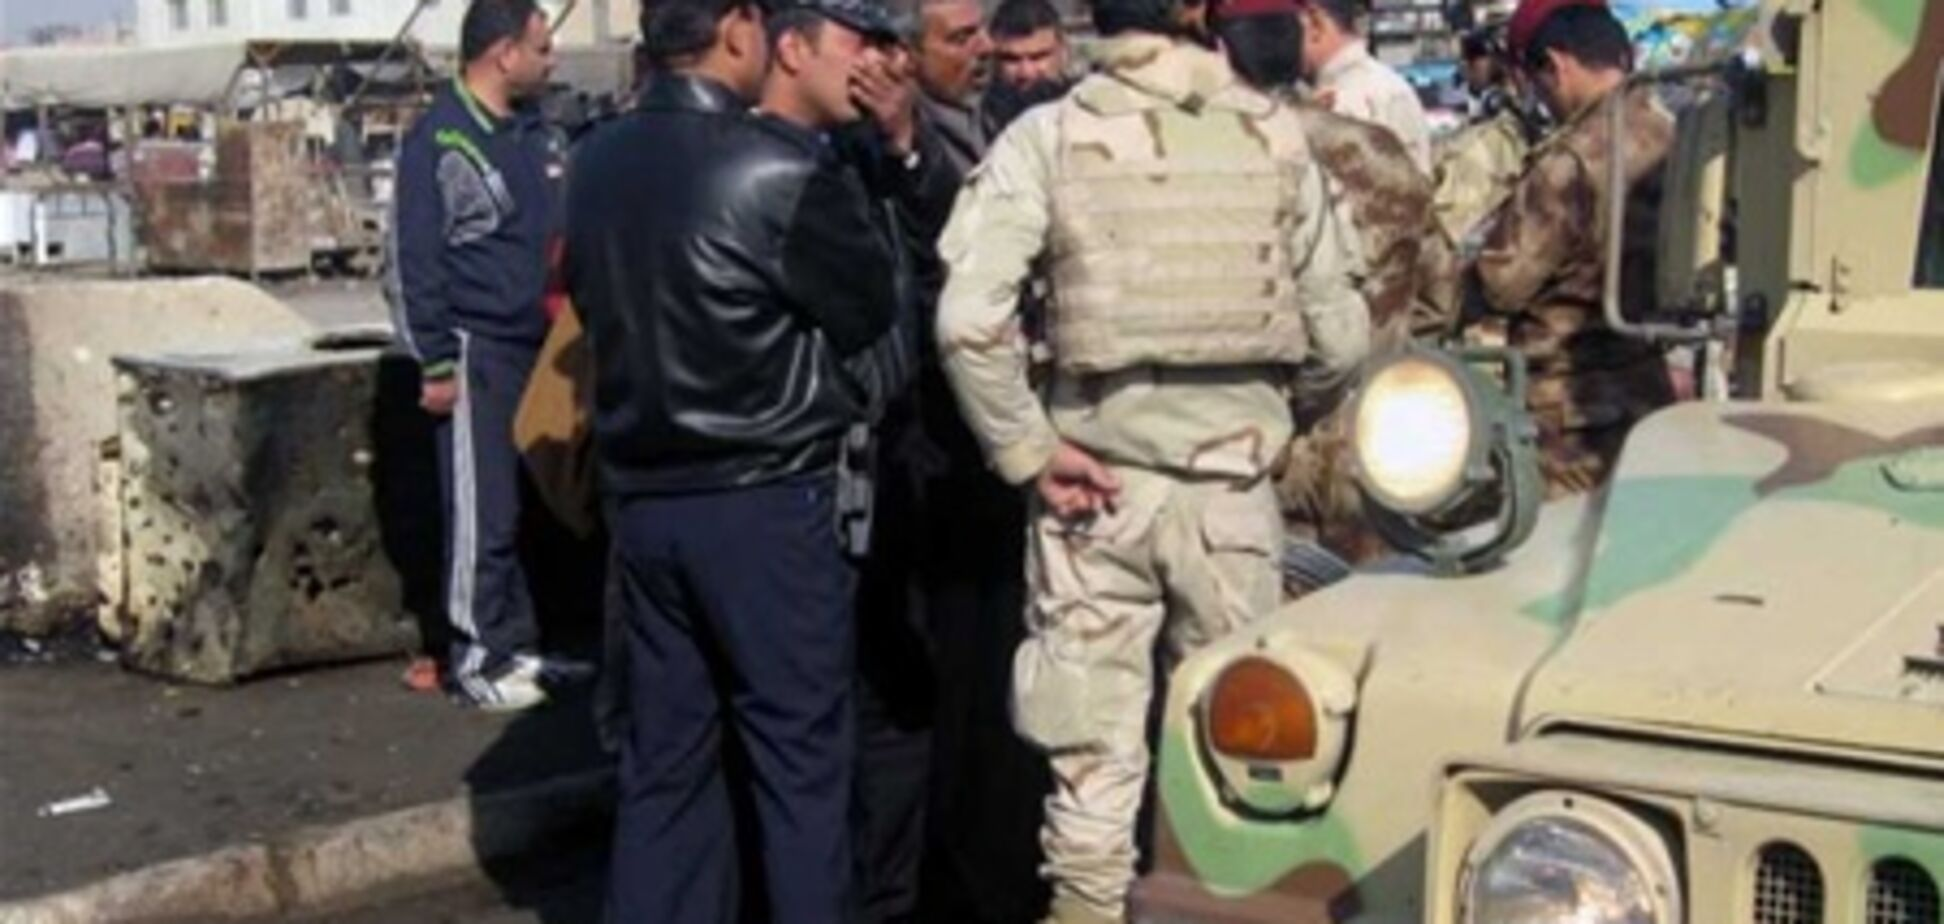 Теракти в Іраку: кількість загиблих зросла до 78 людей, сотні поранені. Фото